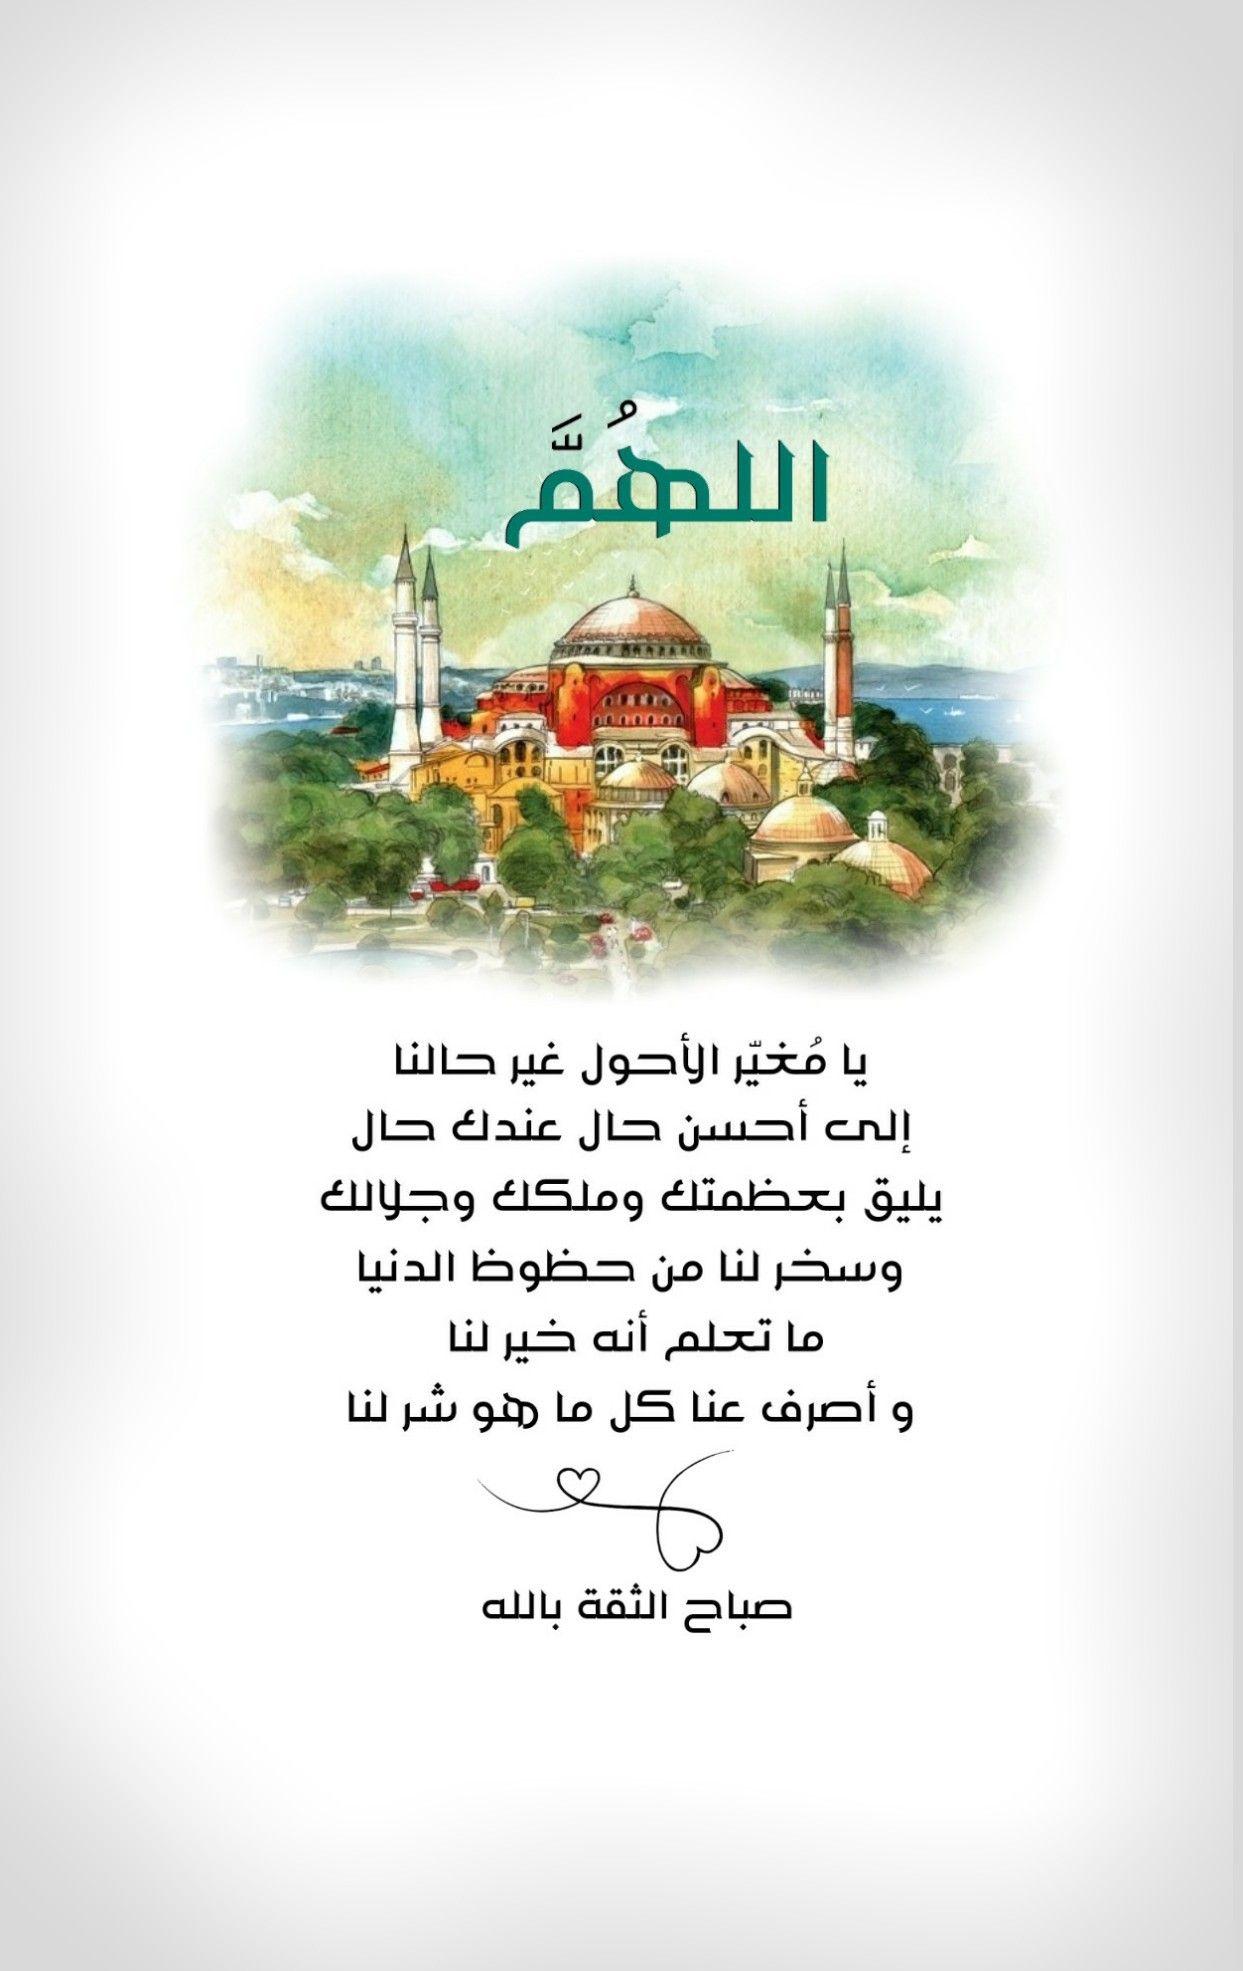 الله م يا م غي ر الأحول غير حالنا إلى أحسن حال عندك حال يليق بعظمتك وملكك وجلالك وسخر لن Good Morning Arabic Good Morning Messages Good Morning Greetings